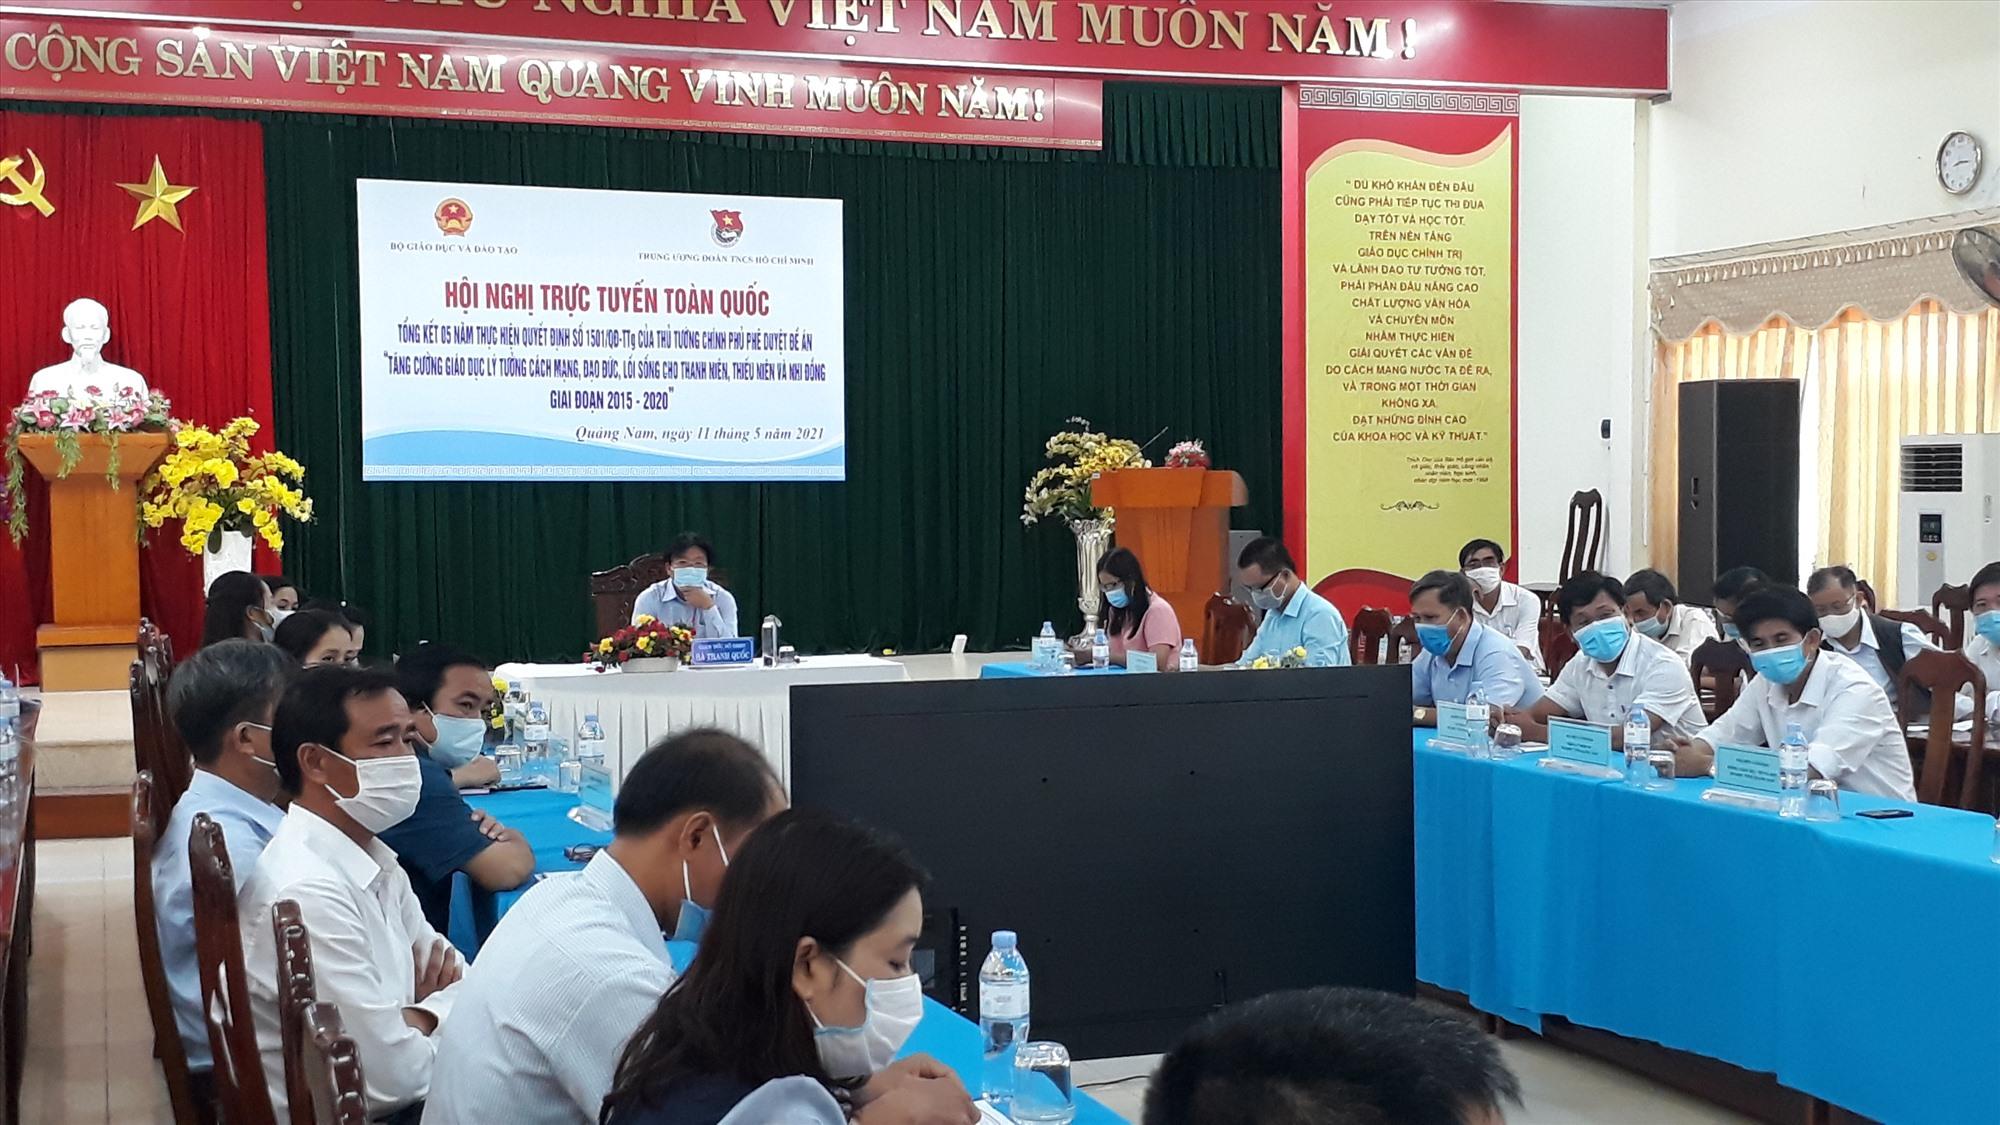 Đầu cầu Quảng Nam tại hội nghị trực tuyến toàn quốc. Ảnh: X.P